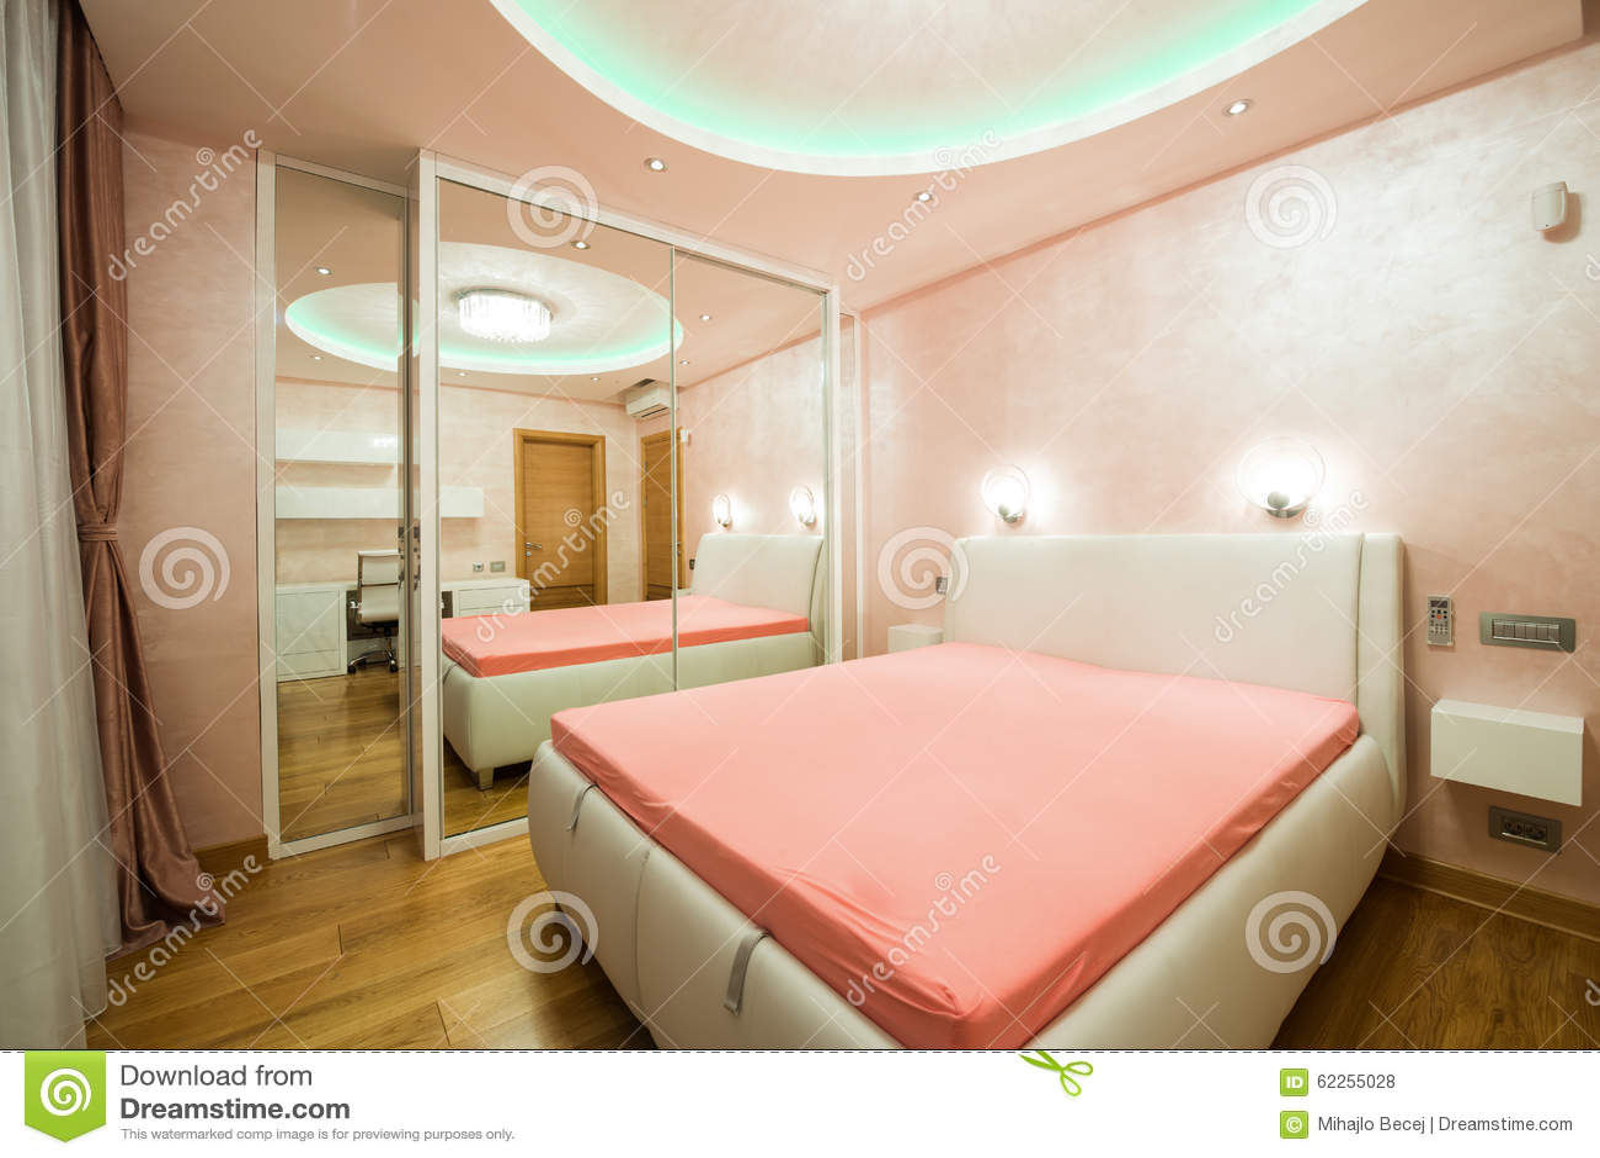 plafonnier de chambre lumiere chambre plafond pour crer un univers unique calme et. Black Bedroom Furniture Sets. Home Design Ideas